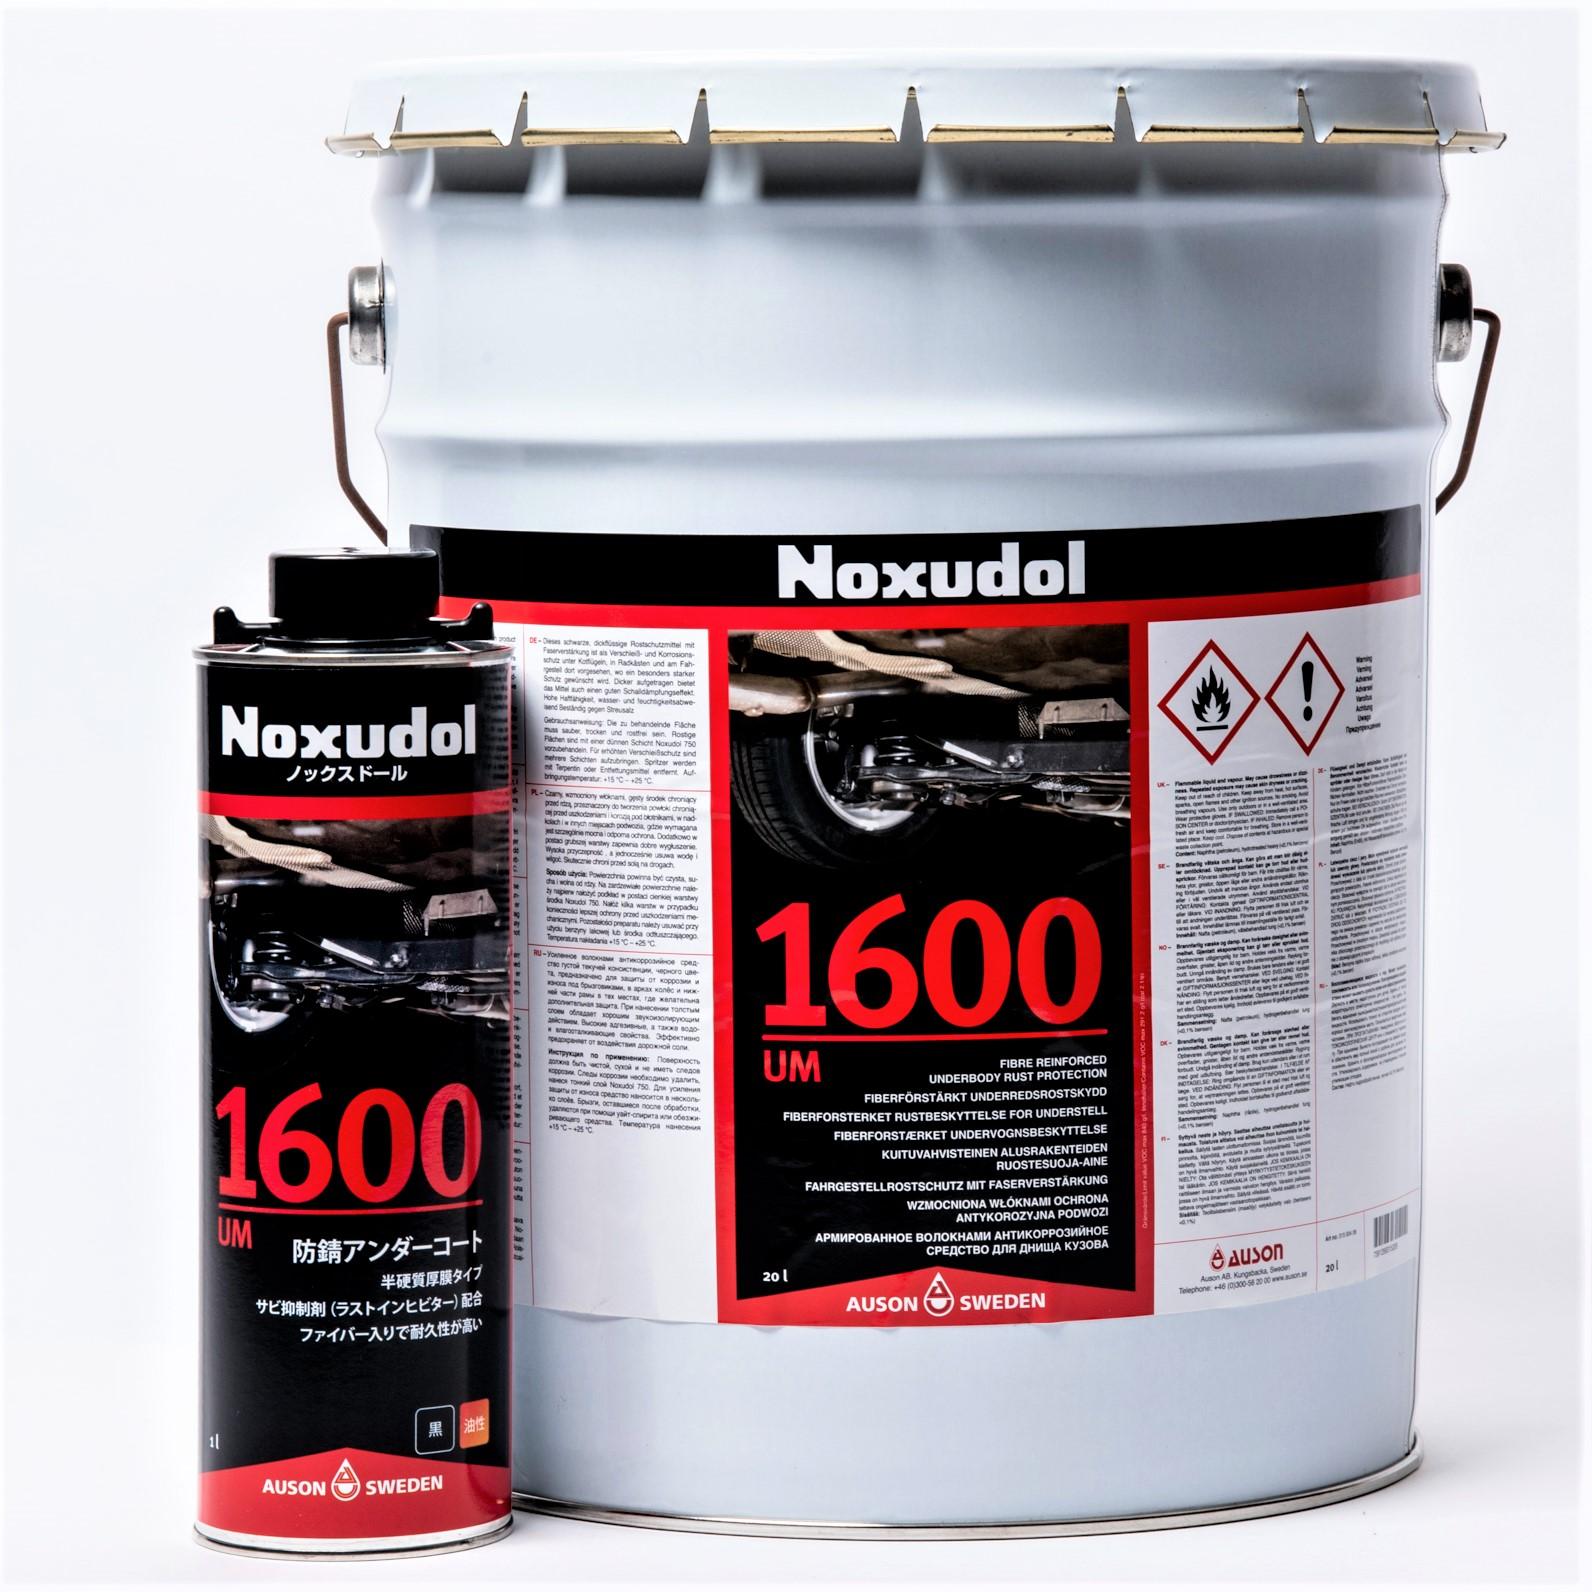 極厚膜のUM-1600が使用されている